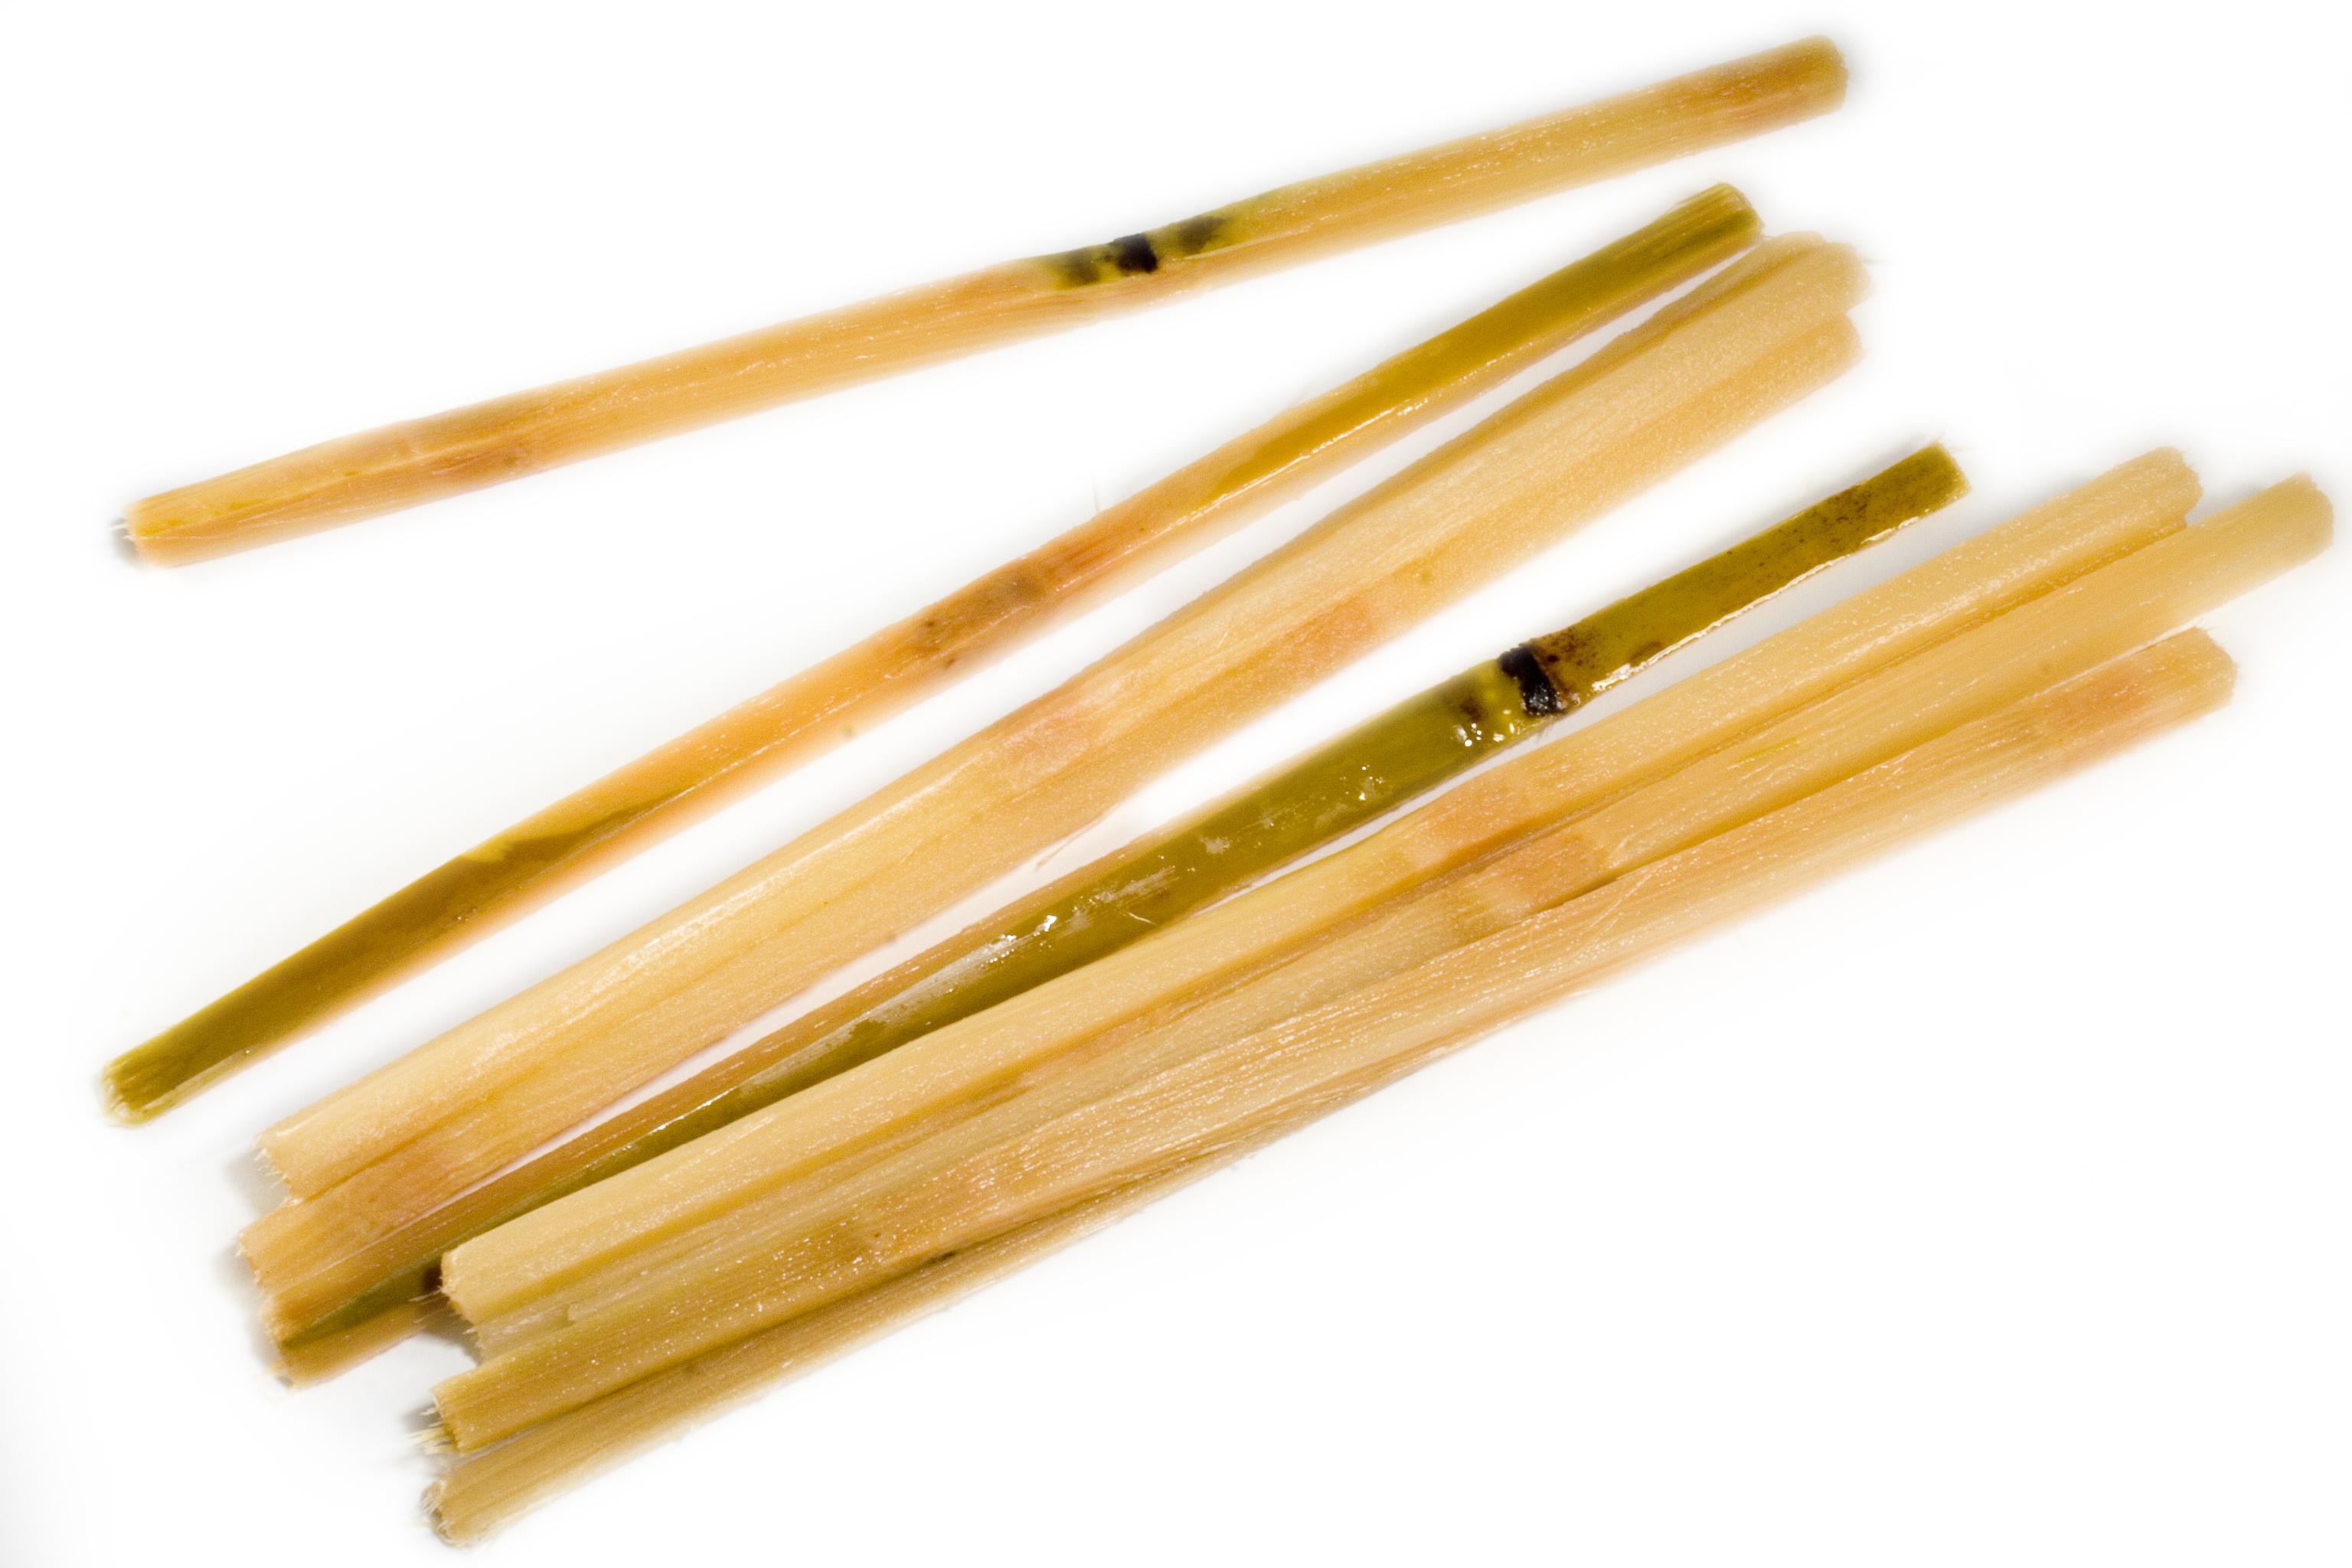 Frieda's Specialty Produce - Sugar Cane Swizzle Sticks